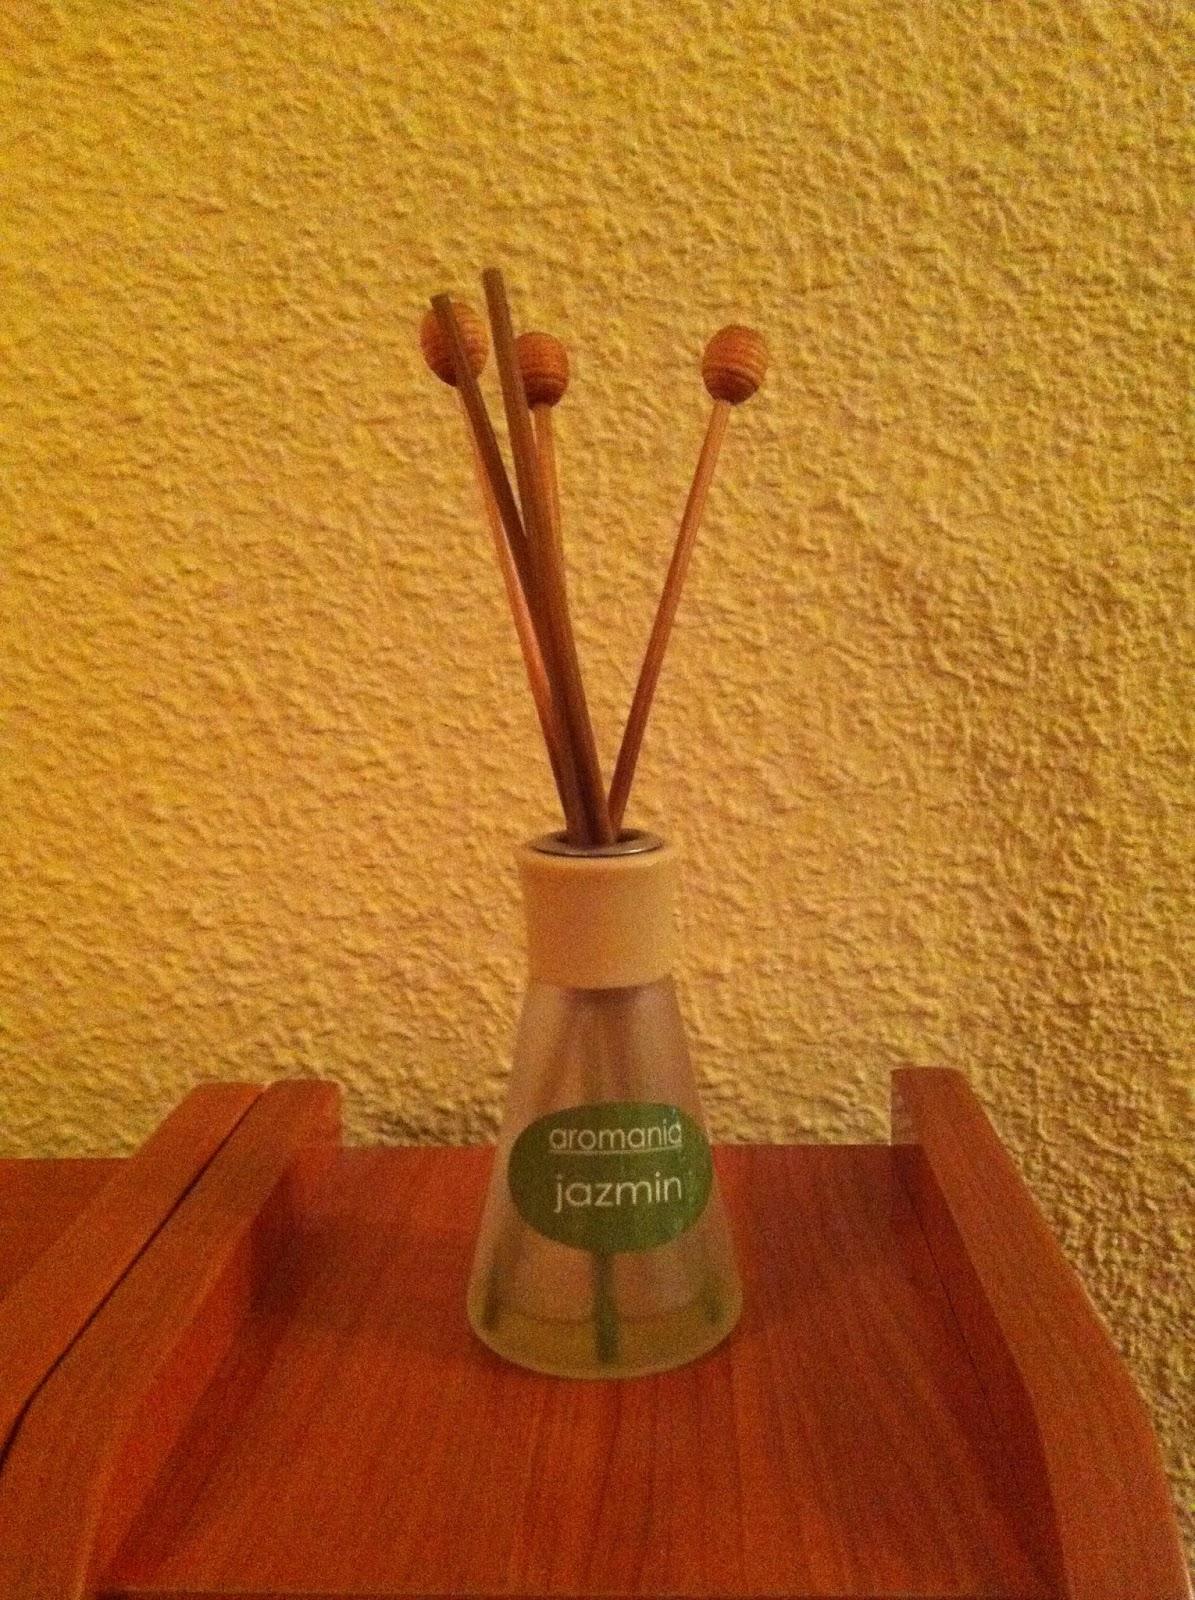 Hacer ambientador con colonia beautiful with hacer - Hacer ambientador casero canela ...